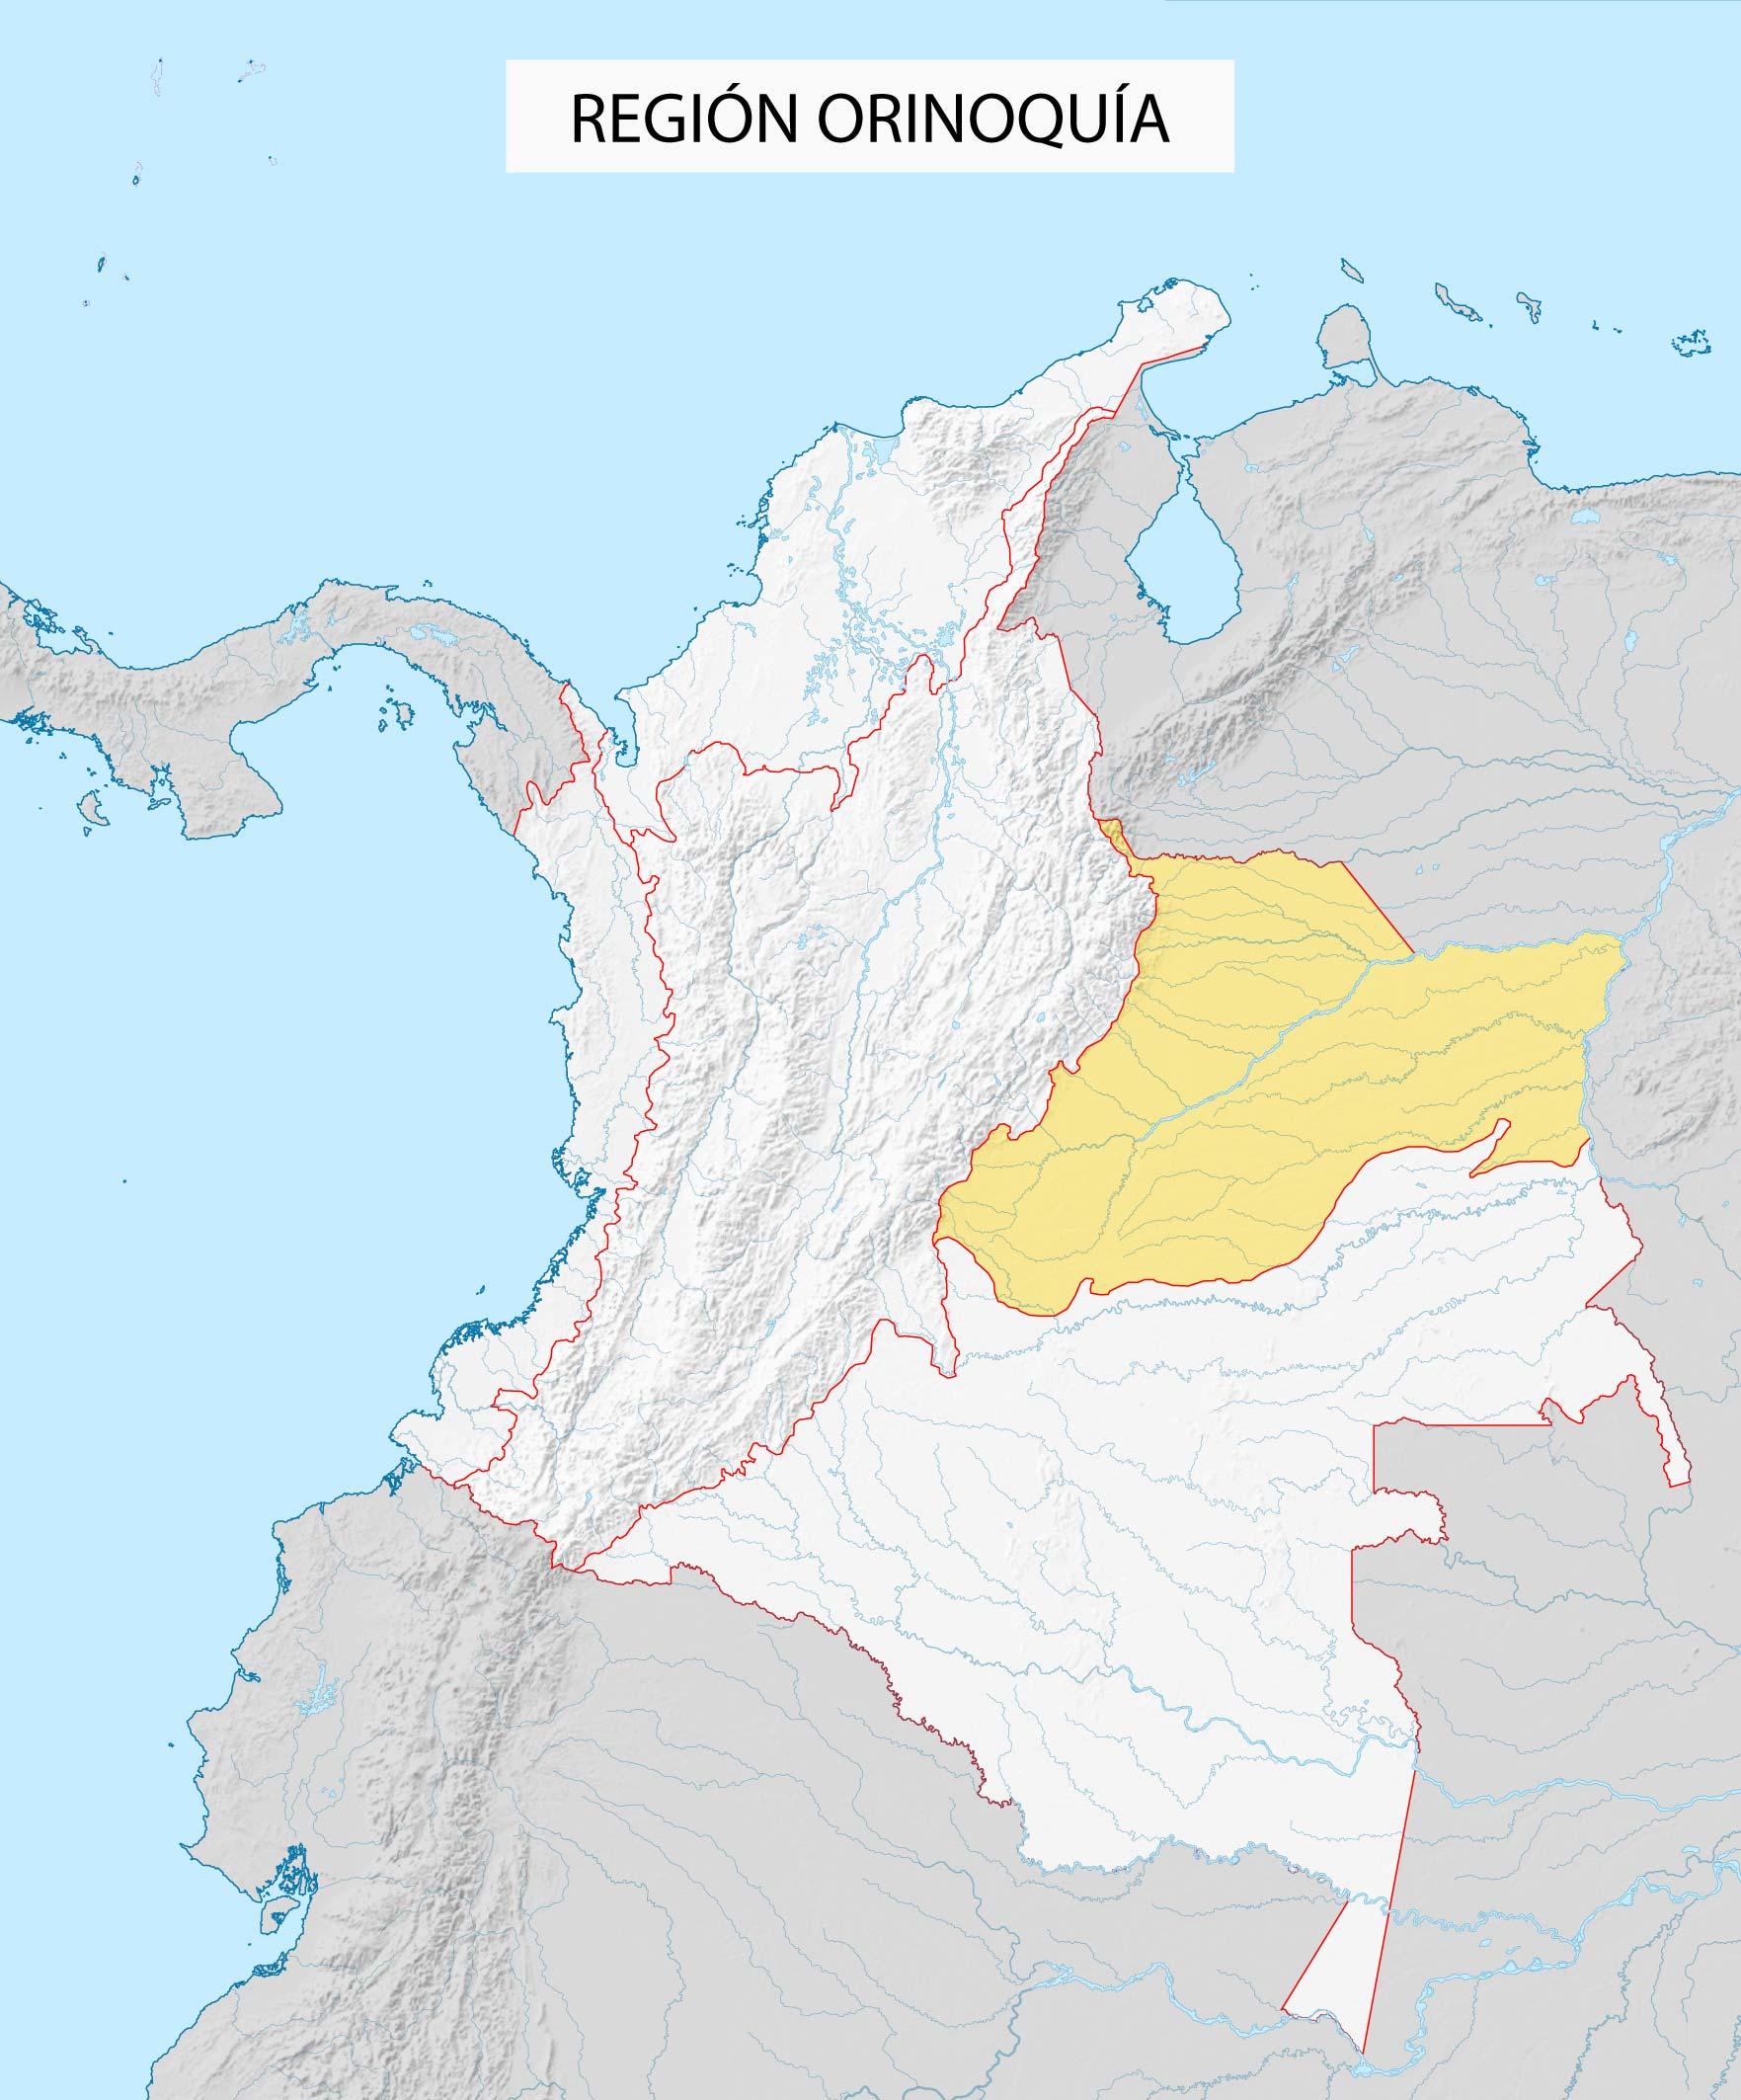 mapa región orinoquía colombia